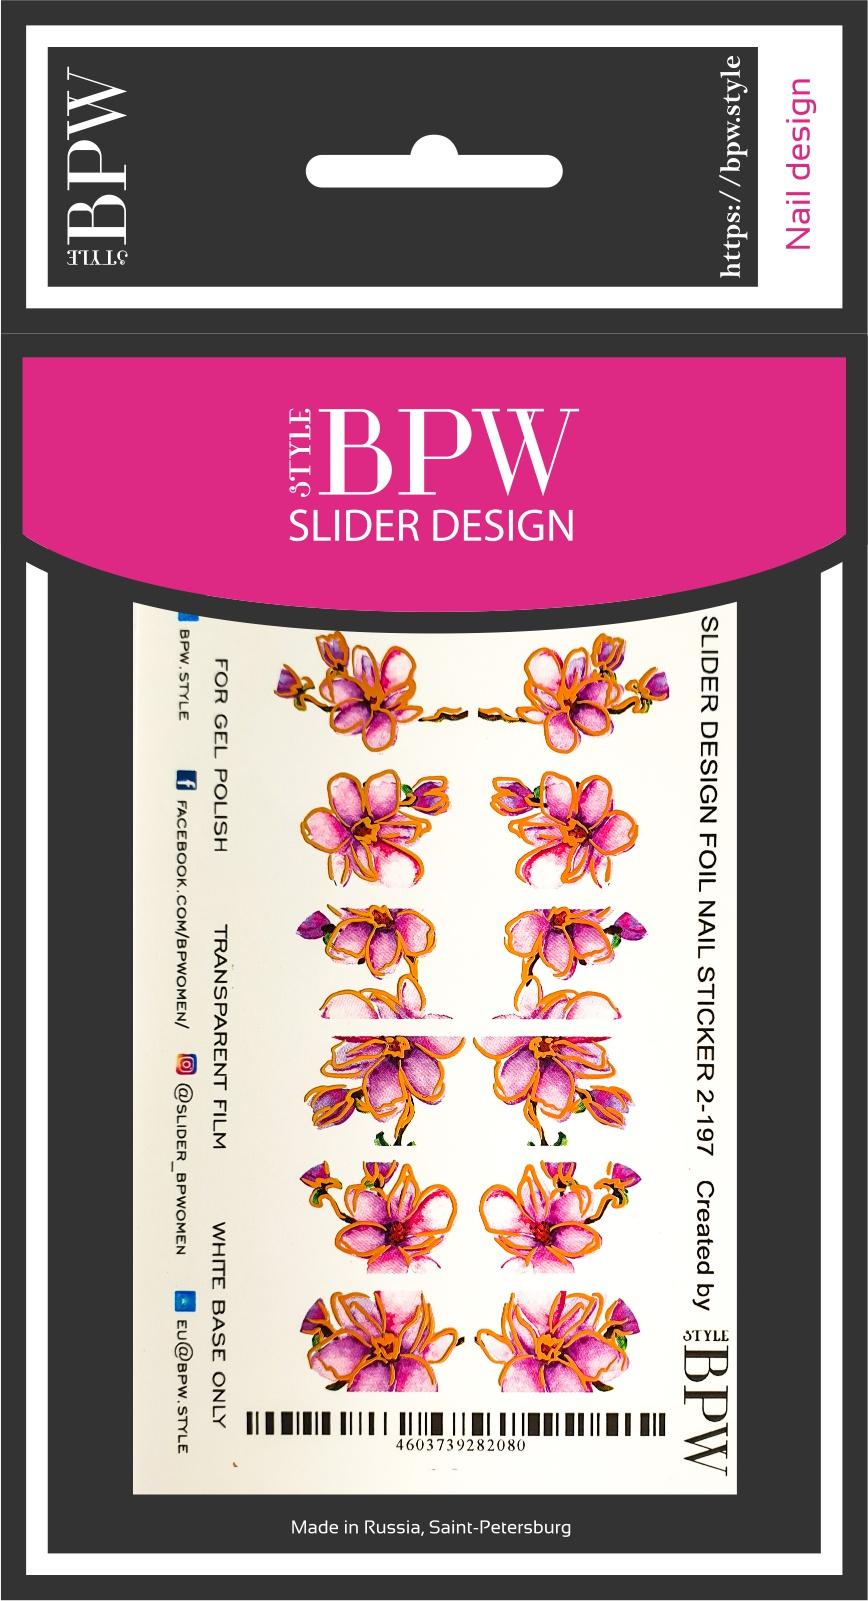 Наклейки для ногтей BPW.style sd2-197, 2 1pcs блеск и пудре порошок блестит классика высокое качество повседневные дизайн ногтей